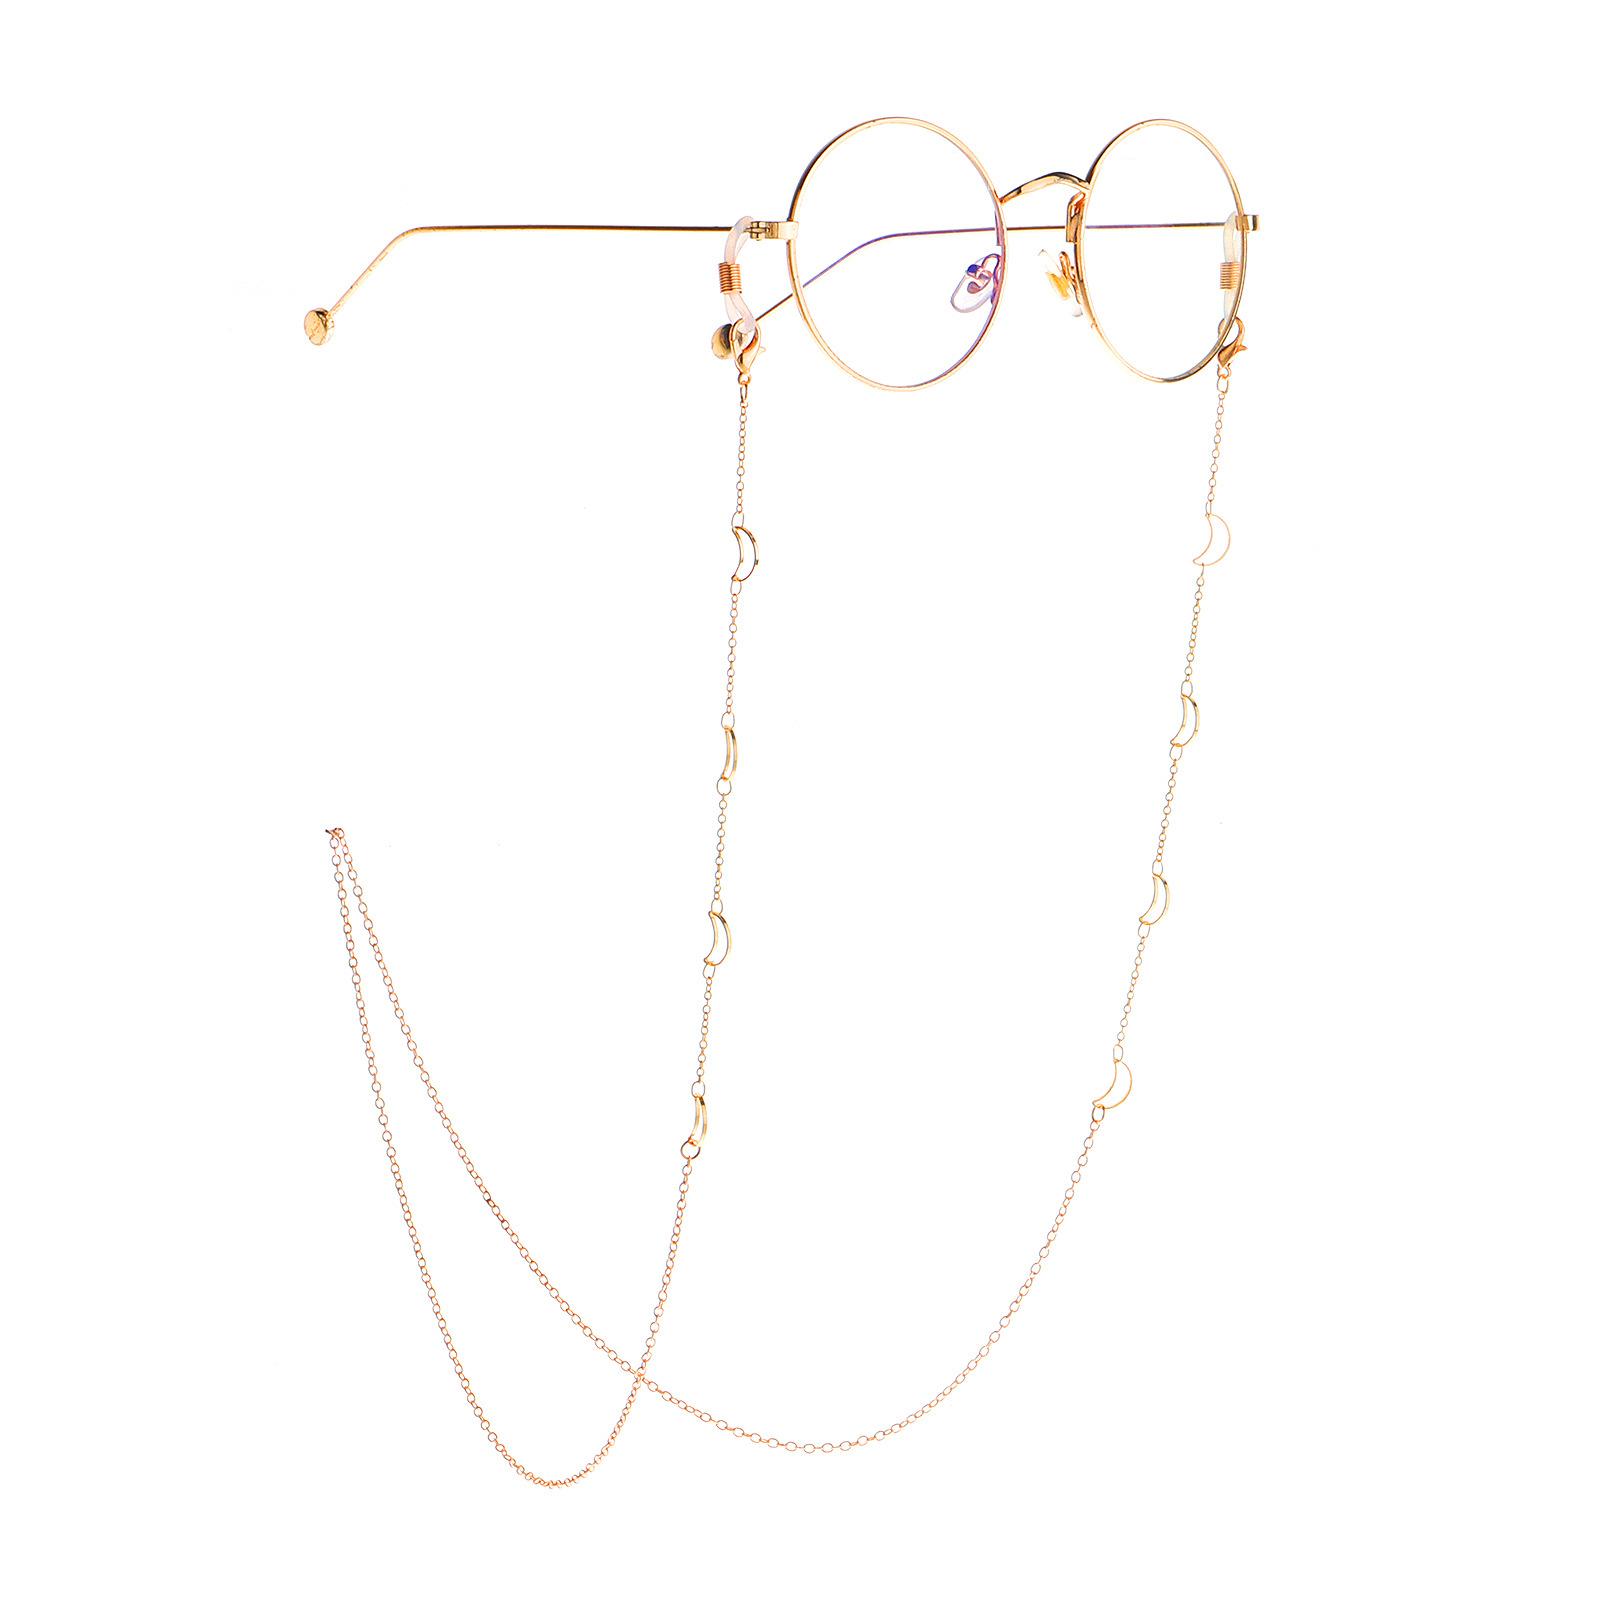 眼镜链女挂脖网红链子潮人时尚装饰挂件复古防滑绳眼睛墨镜带链条